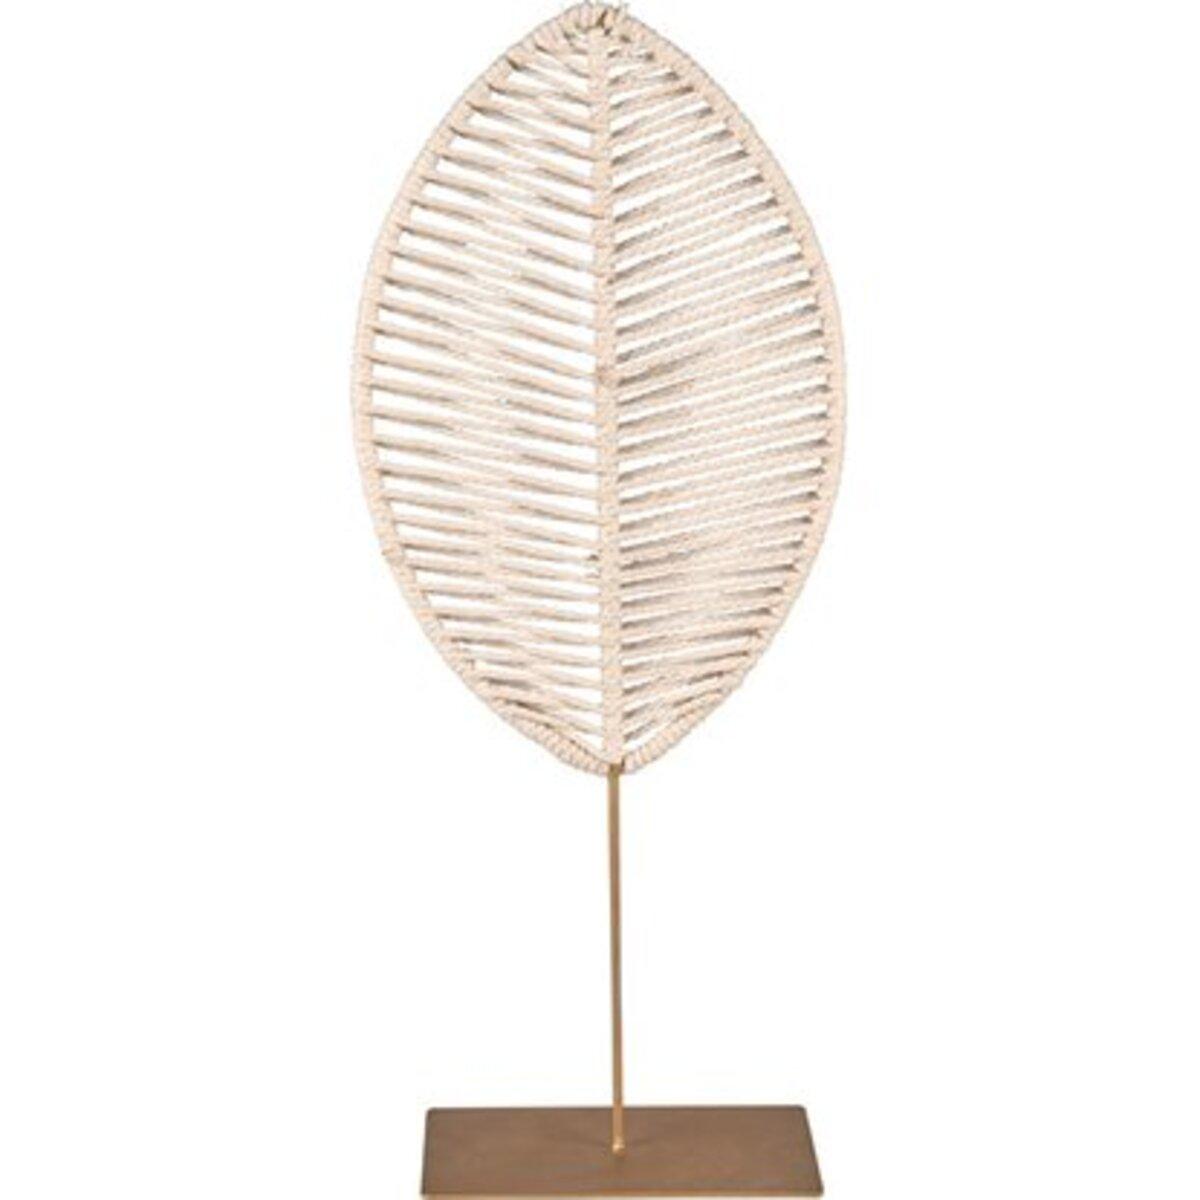 Bild 1 von Deko-Figur Blatt Desert Flower 35 cm